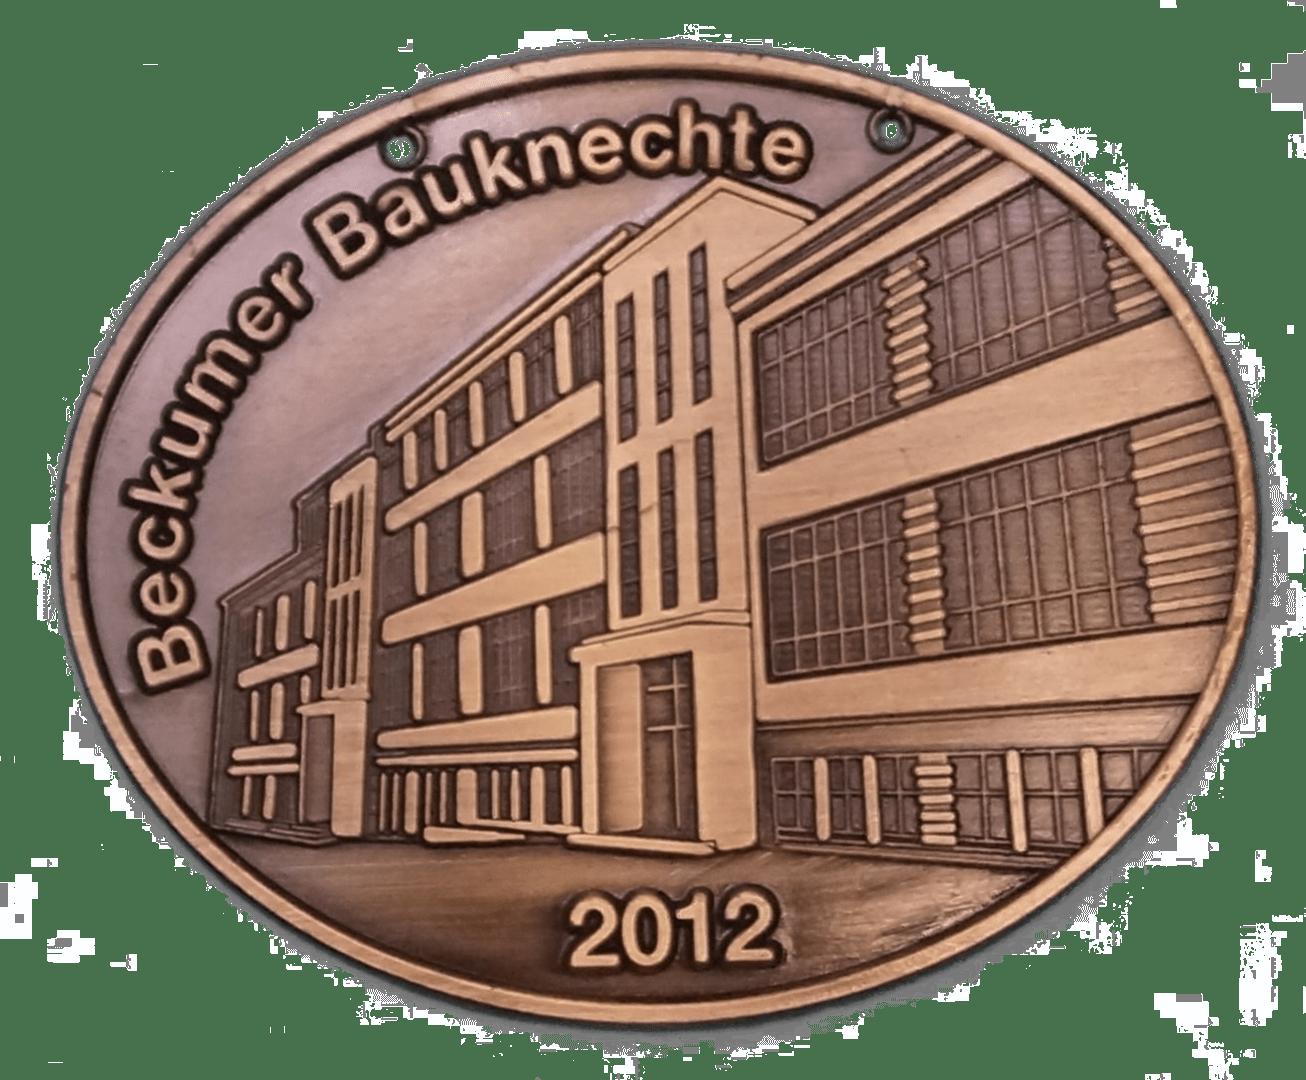 Beckumer-Bauknechte_Orden_2012